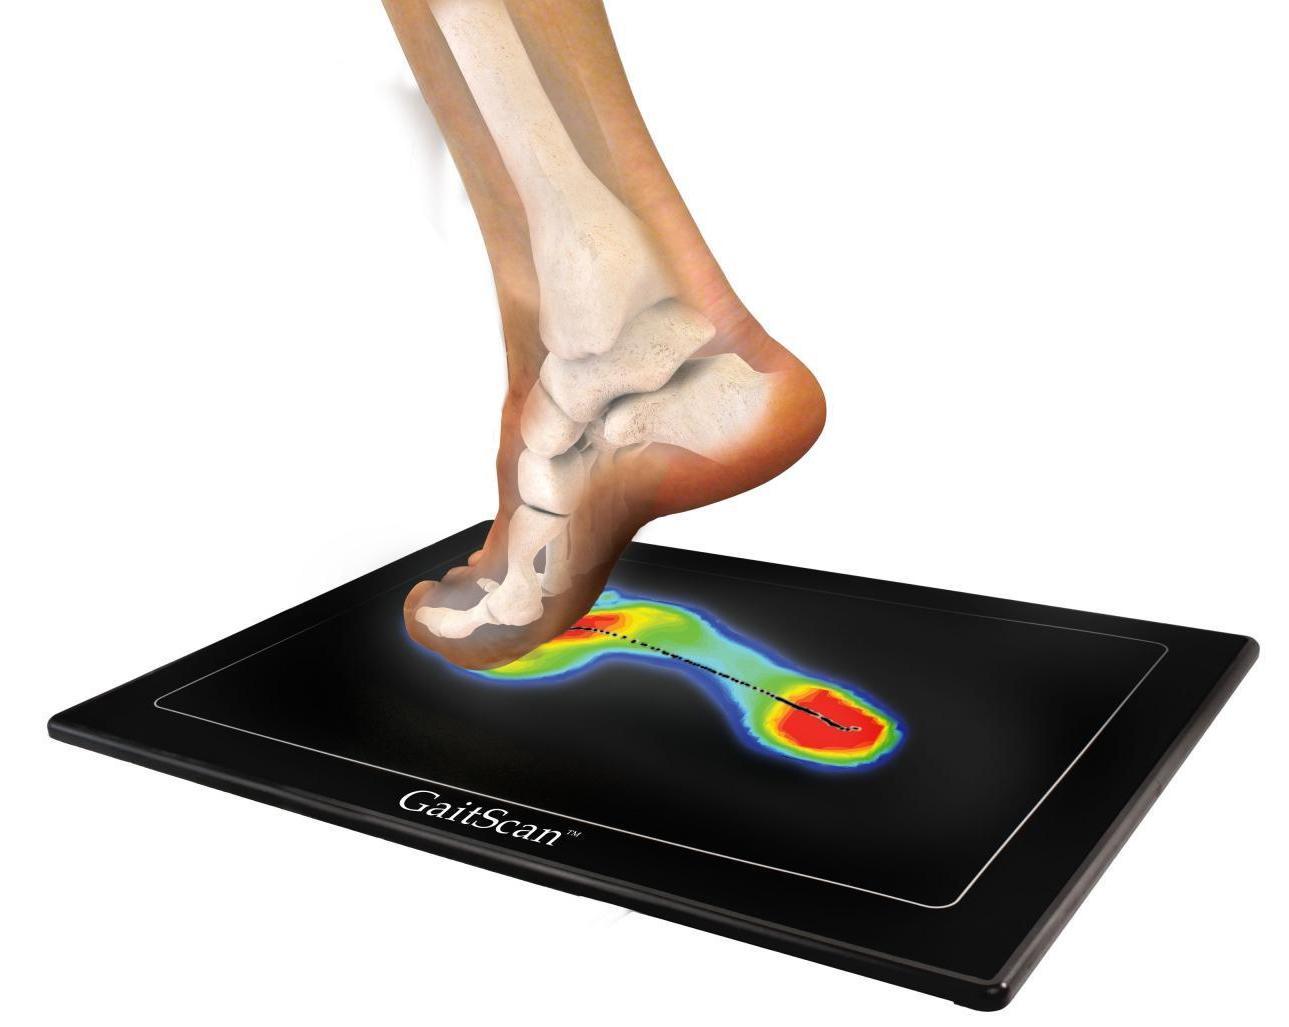 komputerowe badanie stóp